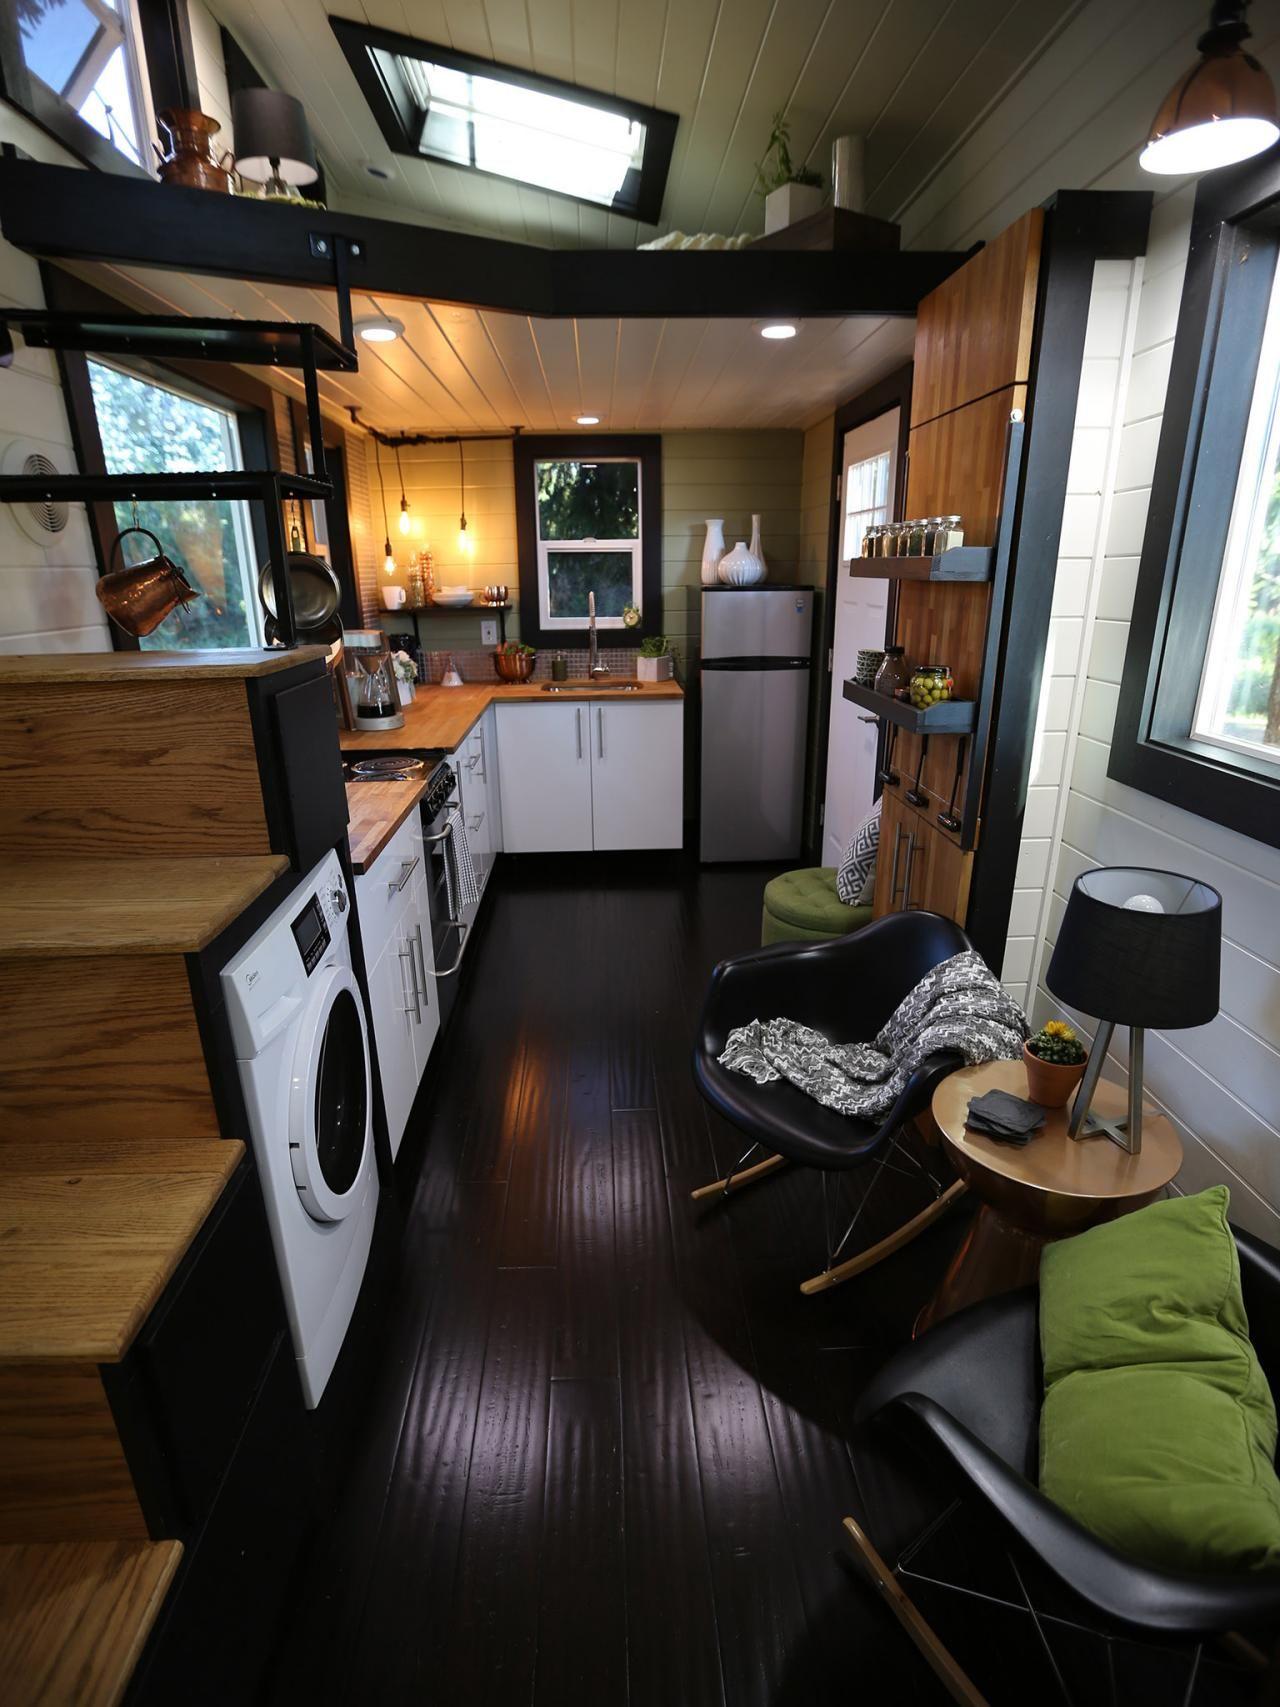 Tiny Luxury Hgtv Tiny House Plans Tiny House Living